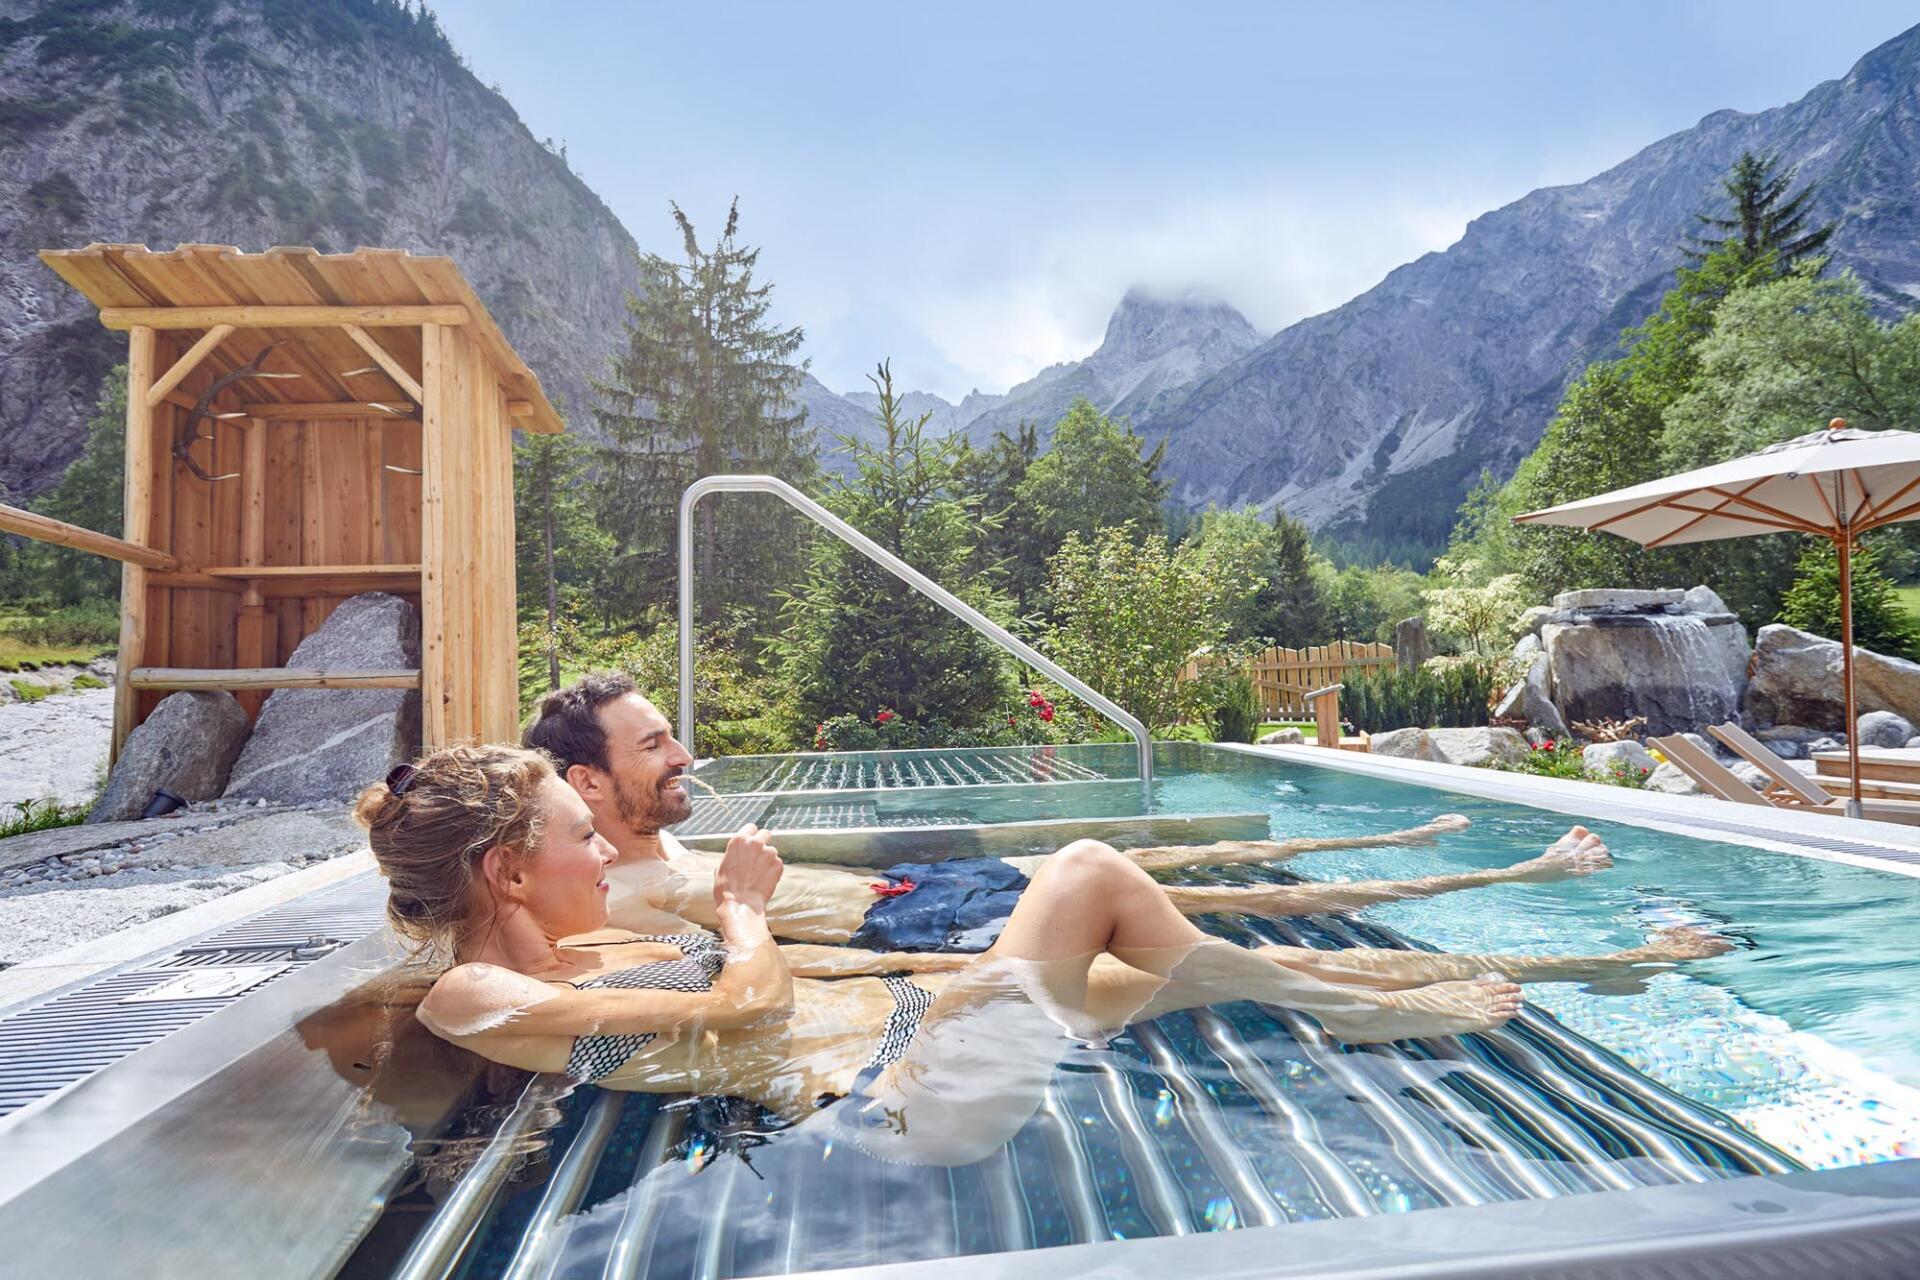 Hotel Gramai Alm - Schwimmbadbau Tirol by SST